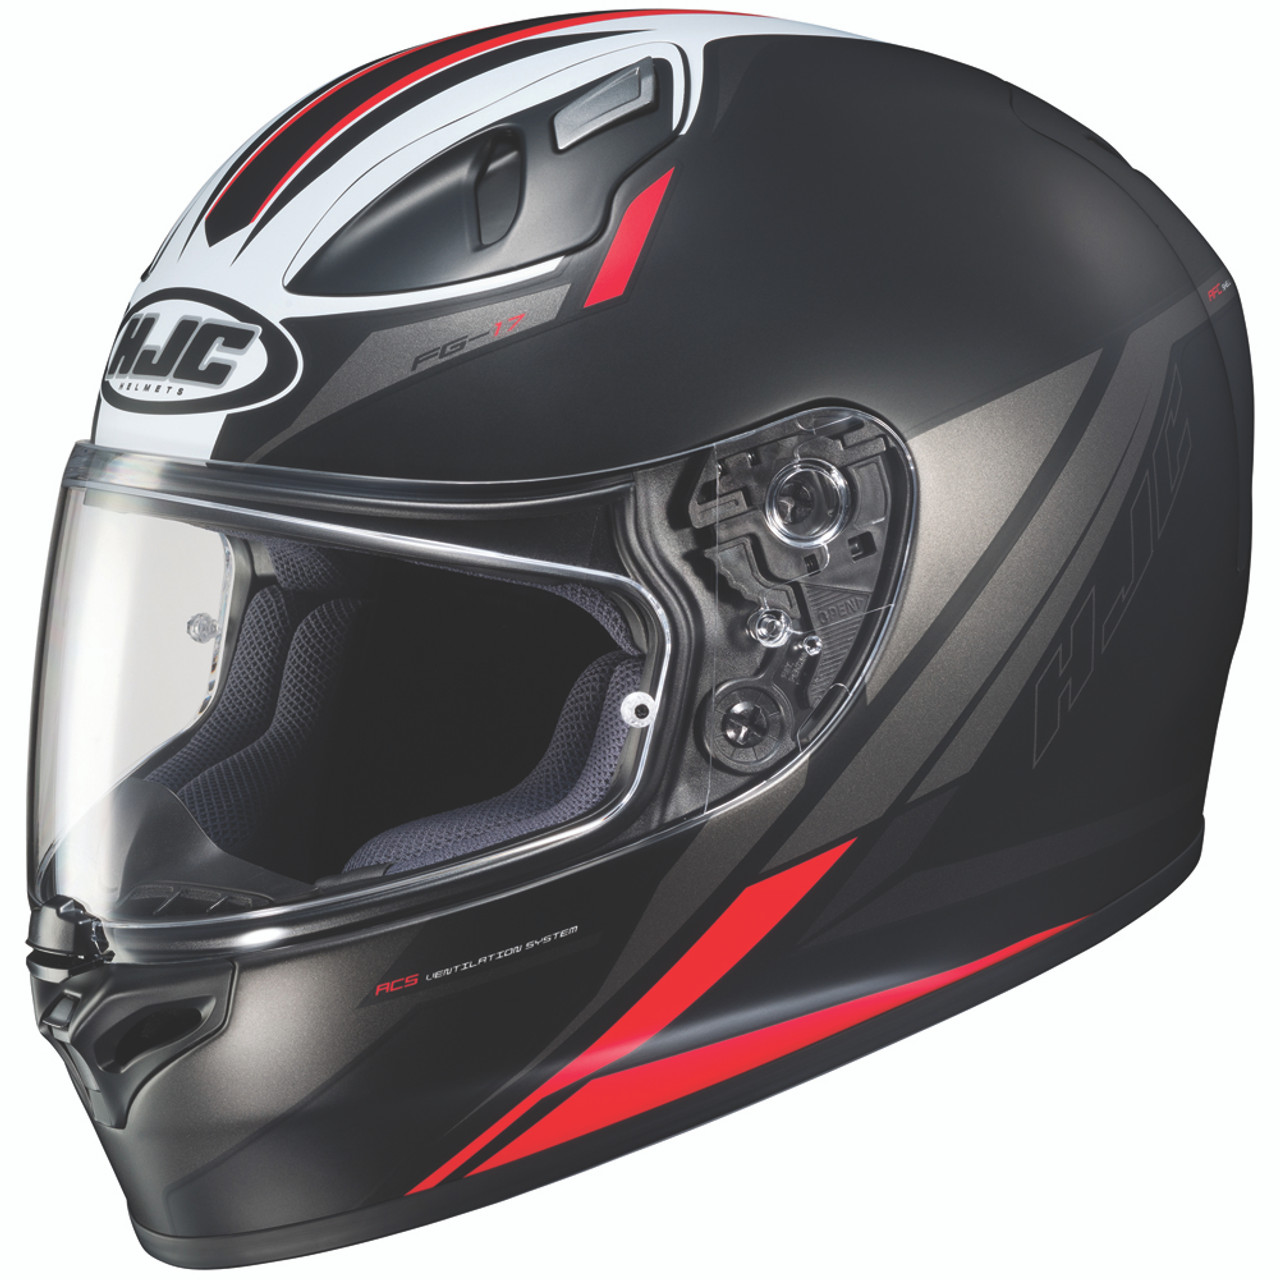 Hjc Fg 17 >> Hjc Fg 17 Valve Helmet